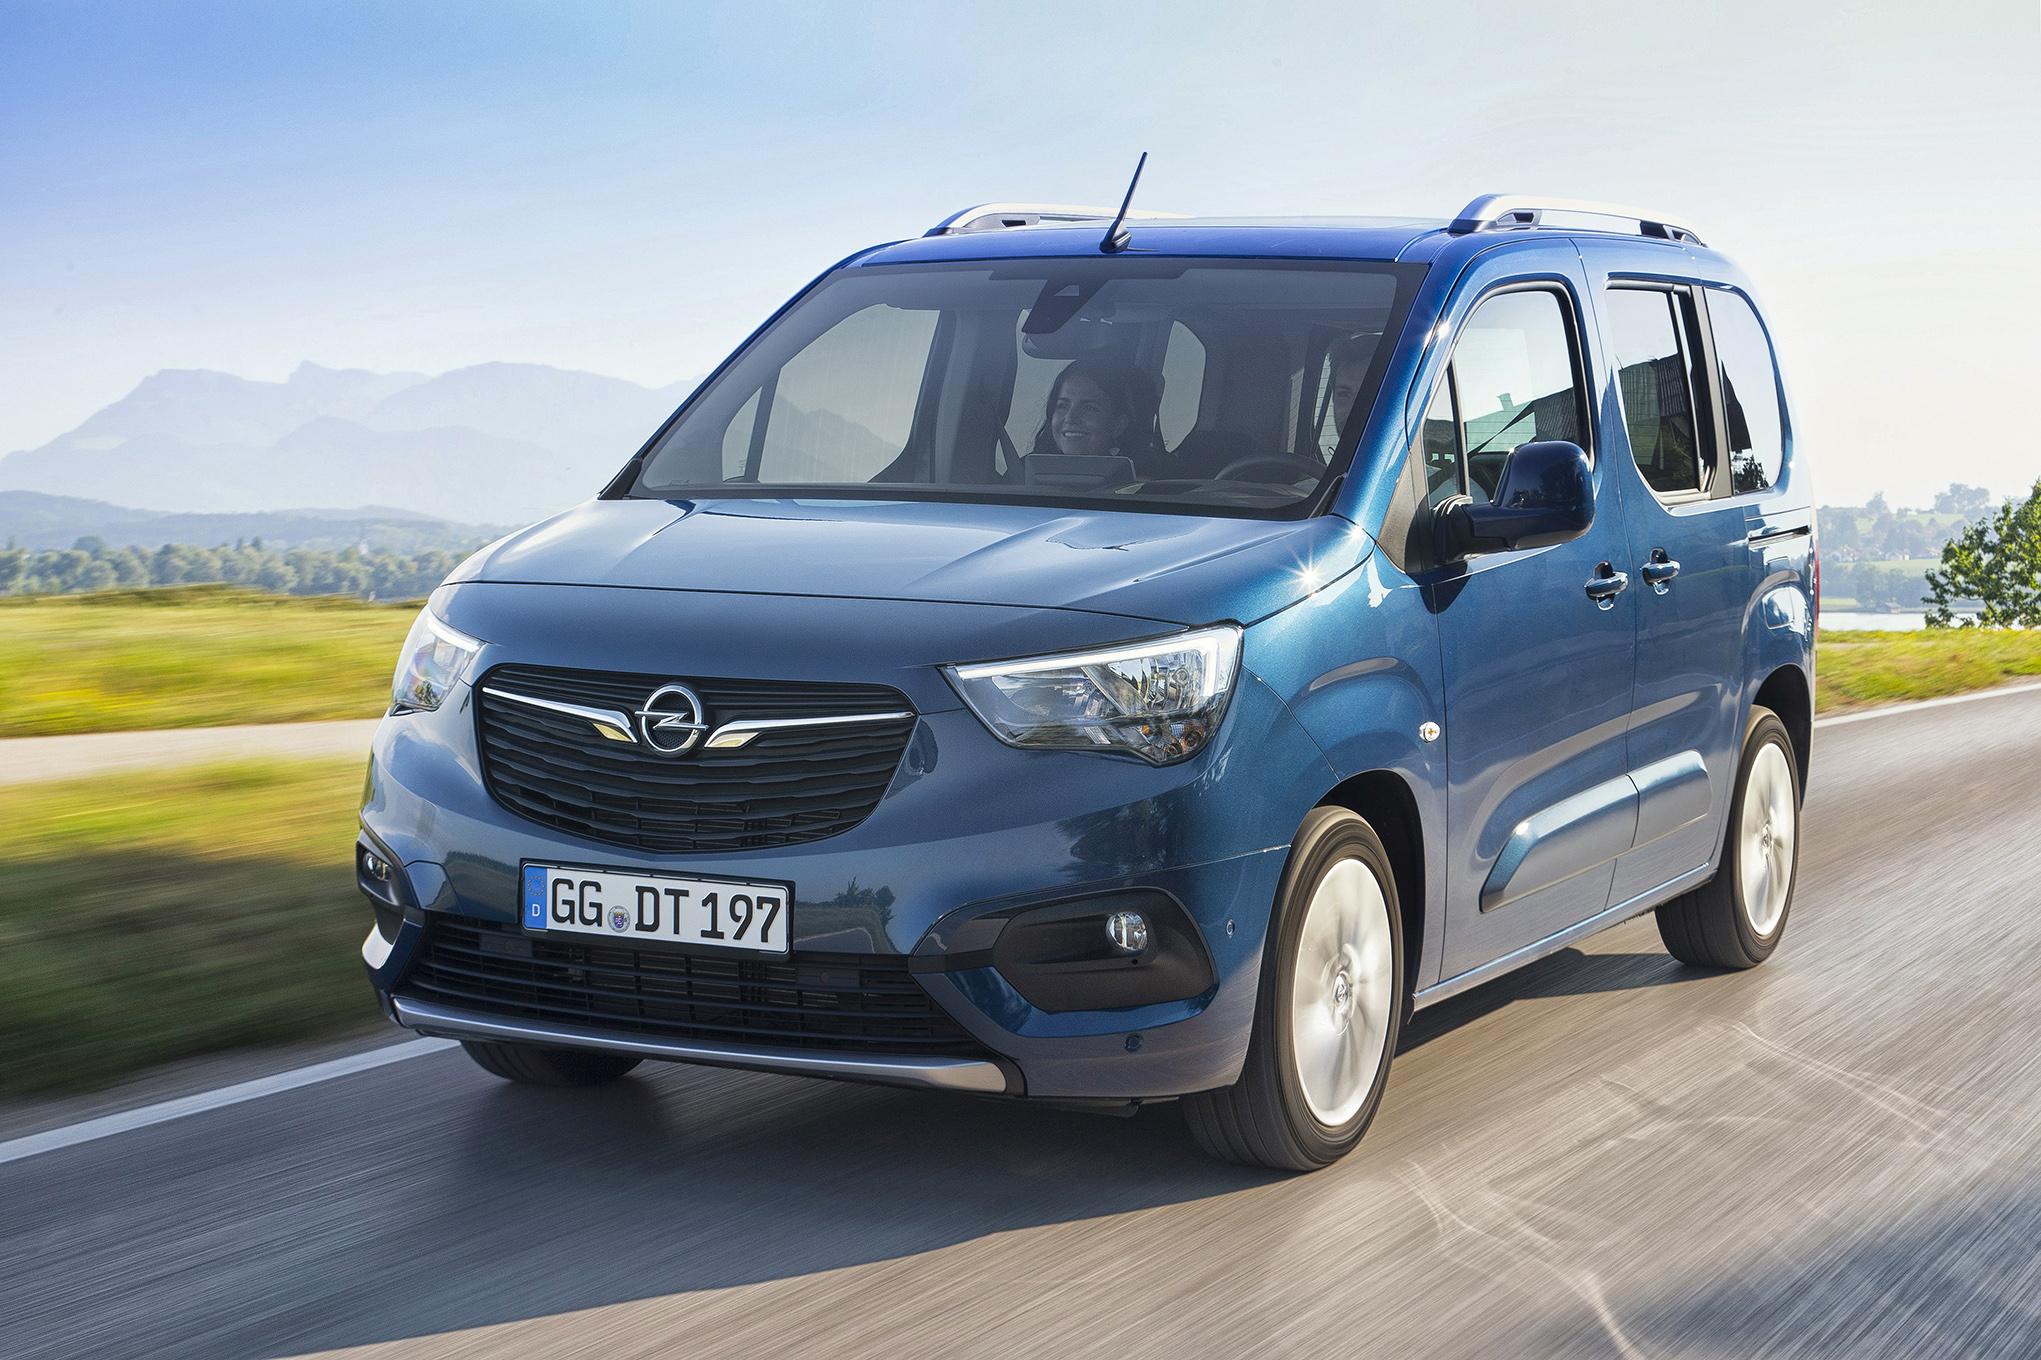 Bis 2020 Acht Neue Opel Modelle Automobil Revue